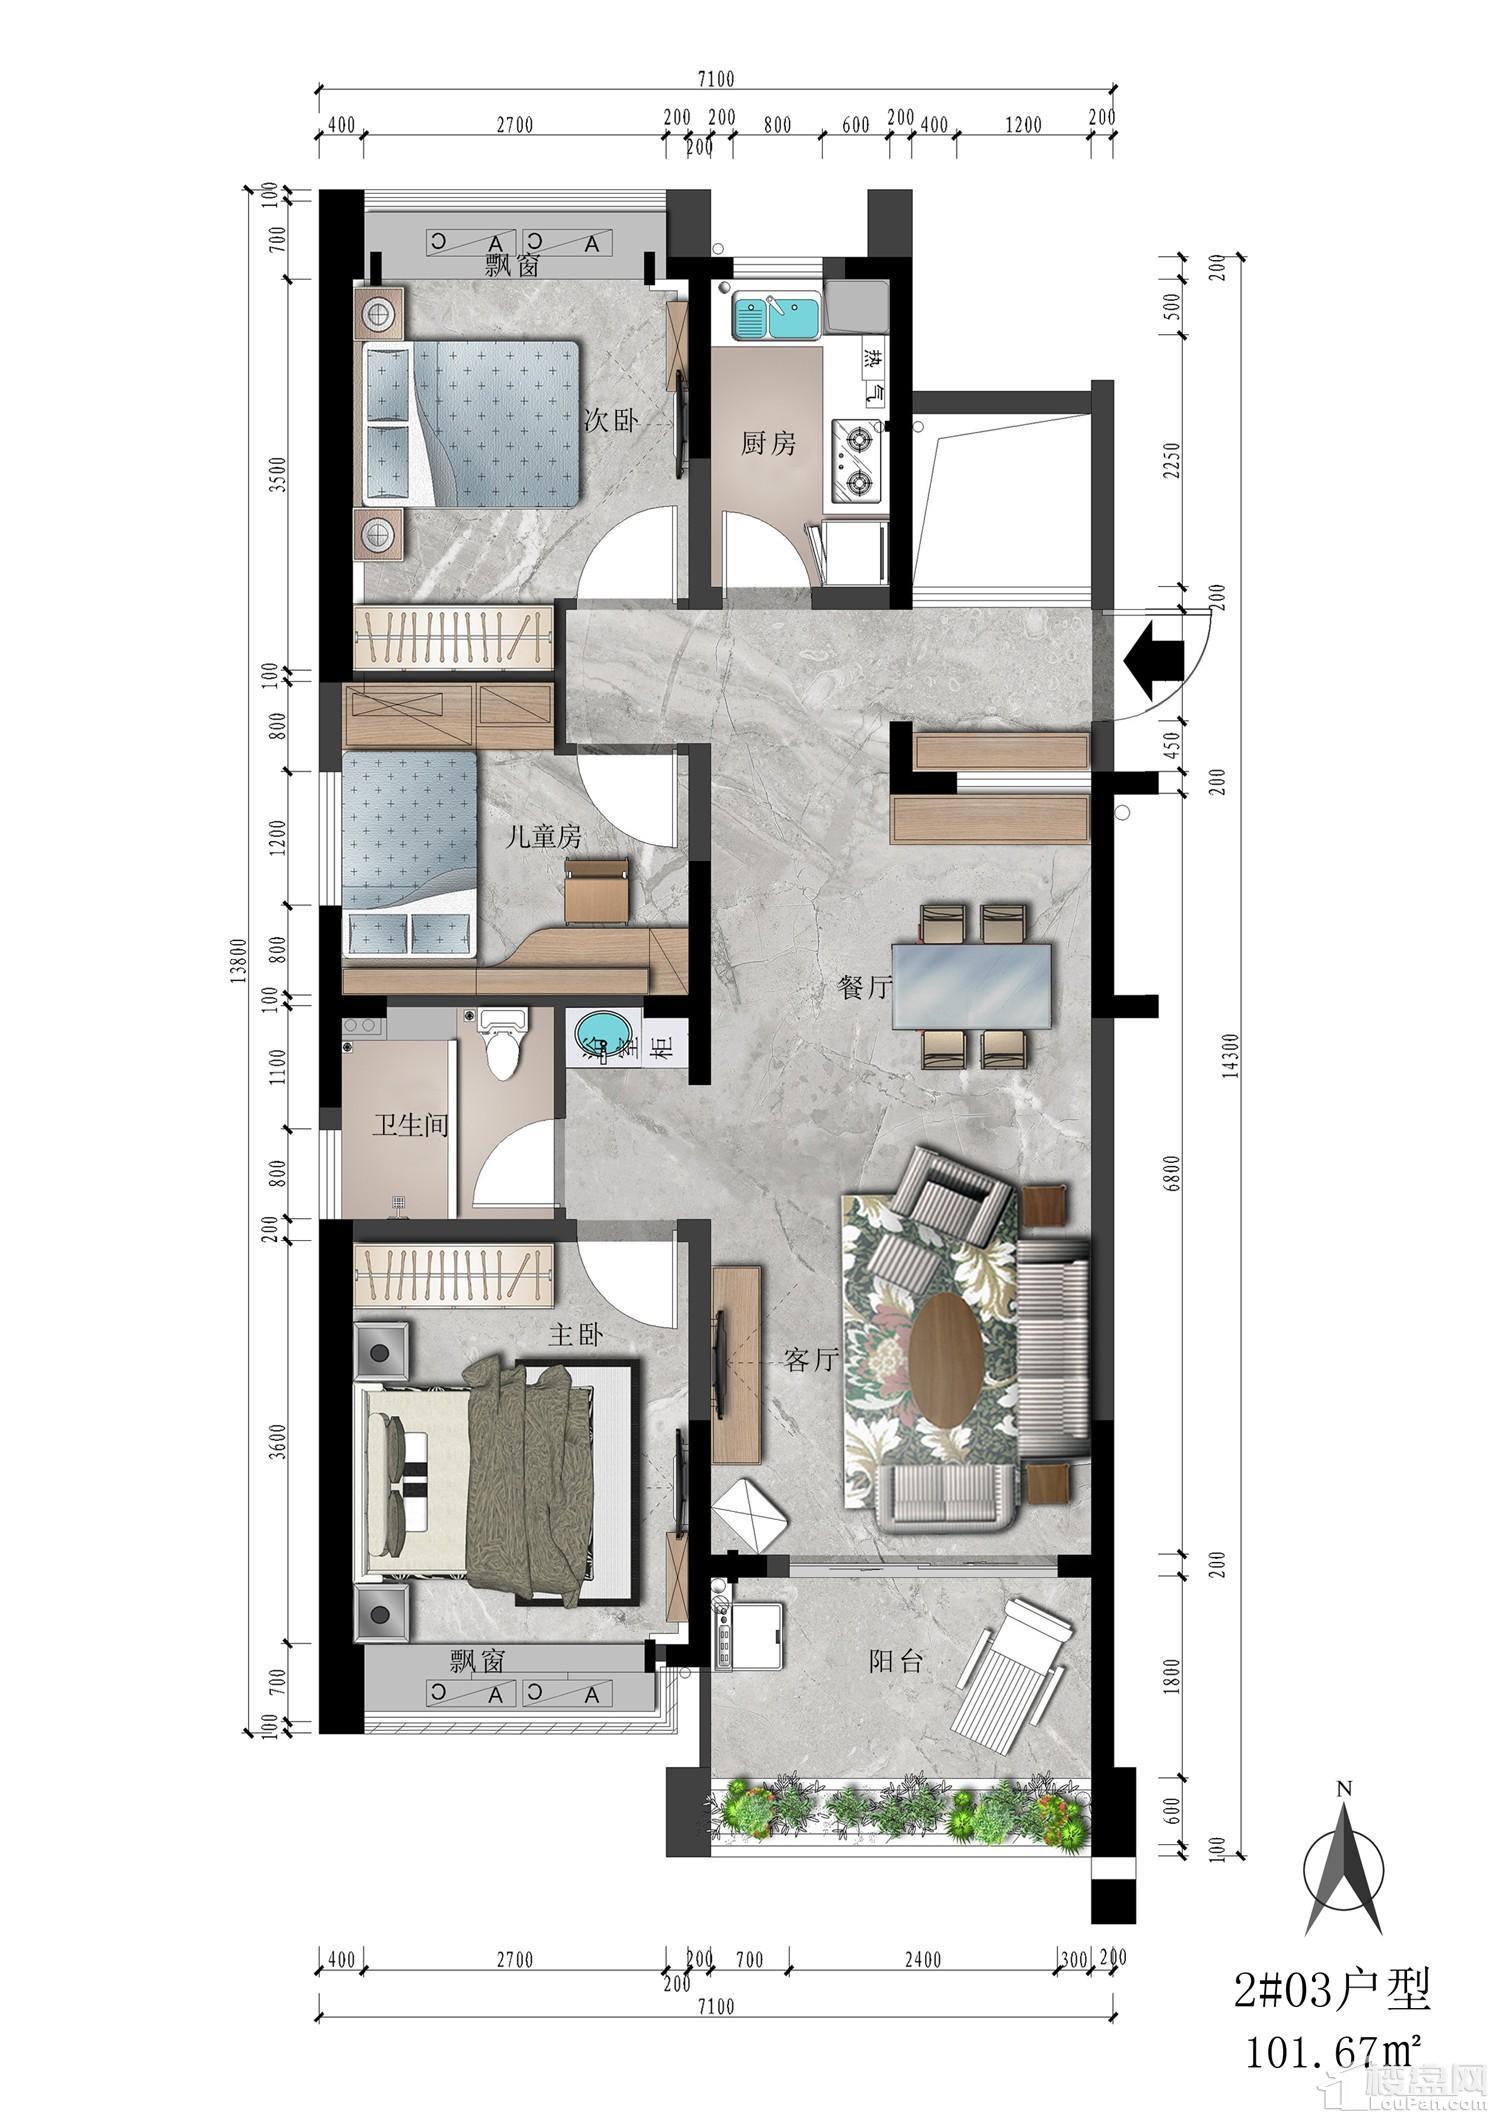 2#03户型 3室2厅1卫1阳台 101.67m²